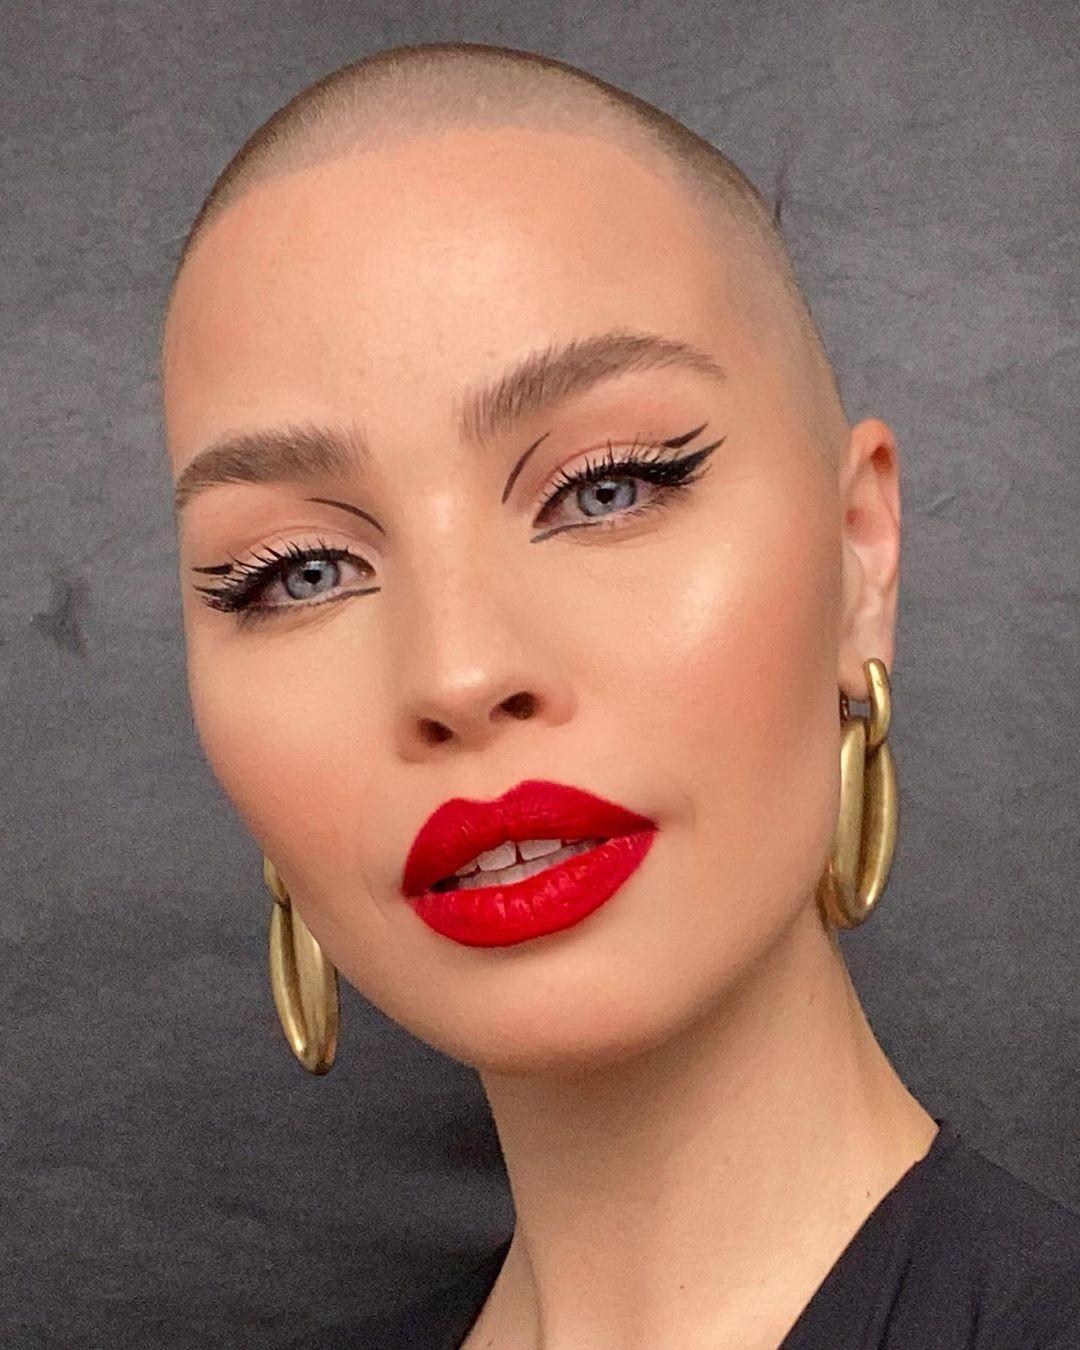 A maquiadora holandesa Celine Bernaerts de batom vermelho (Foto: reprodução Instagram @celine_bernaerts)